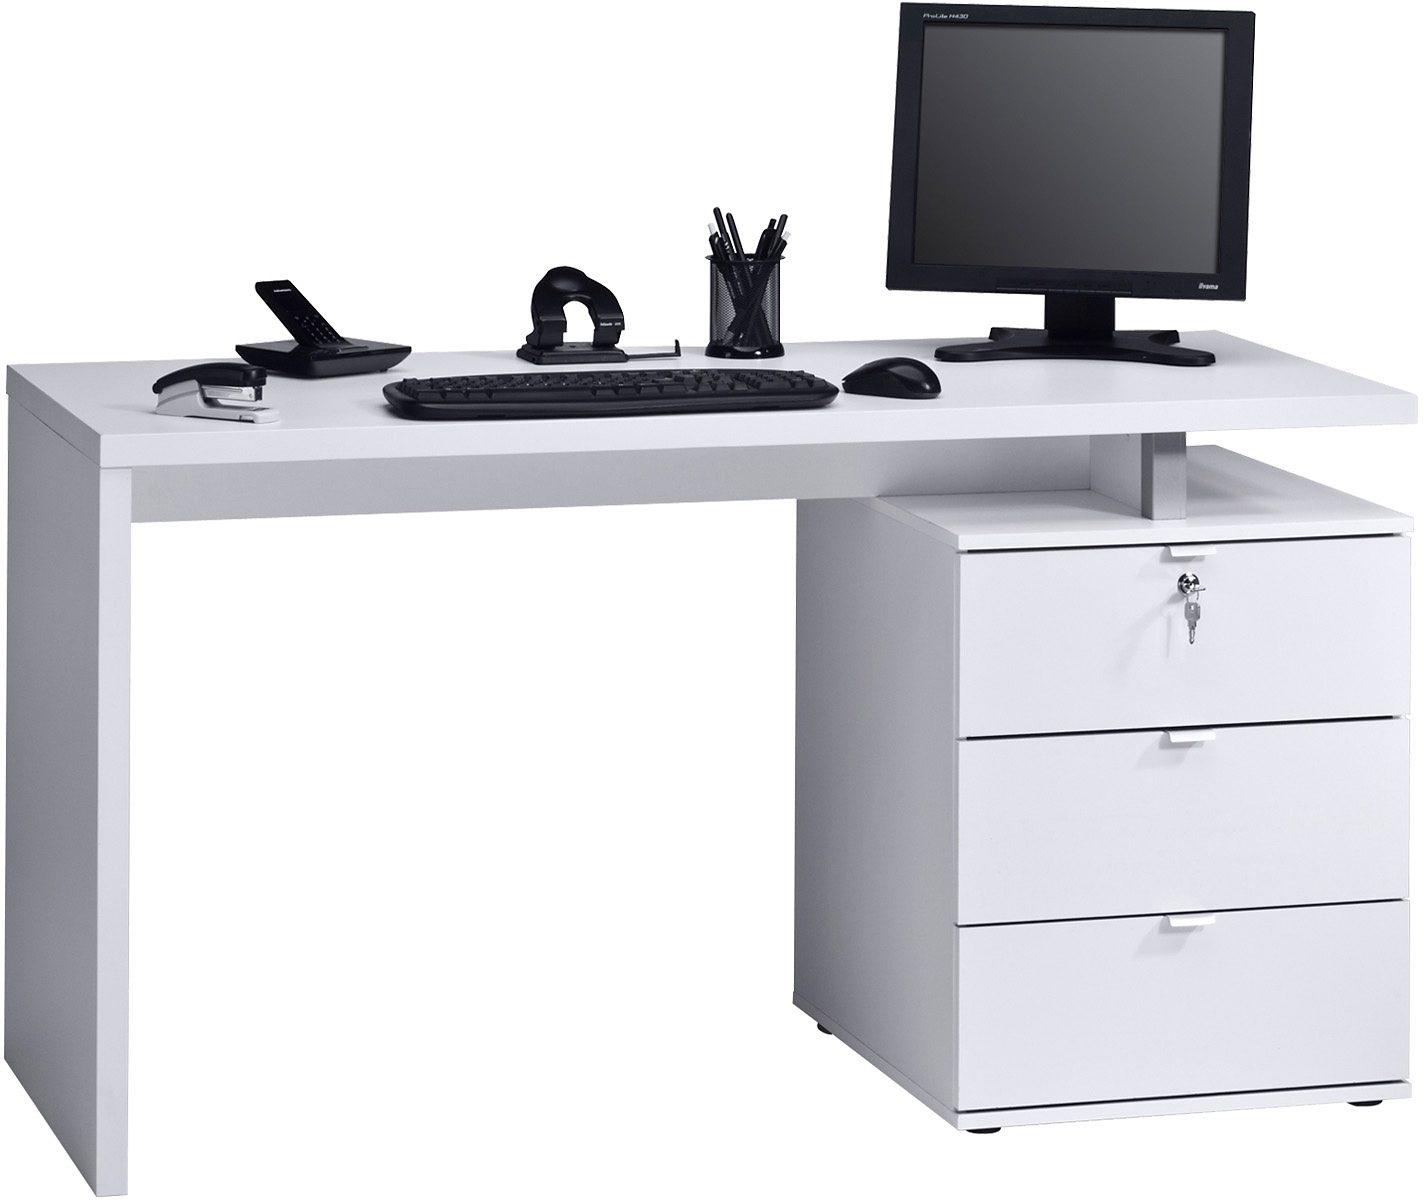 Metalllaufschienen MöbelSchubkästen SchreibtischMaja Online KaufenOtto Auf 4jq53ARL